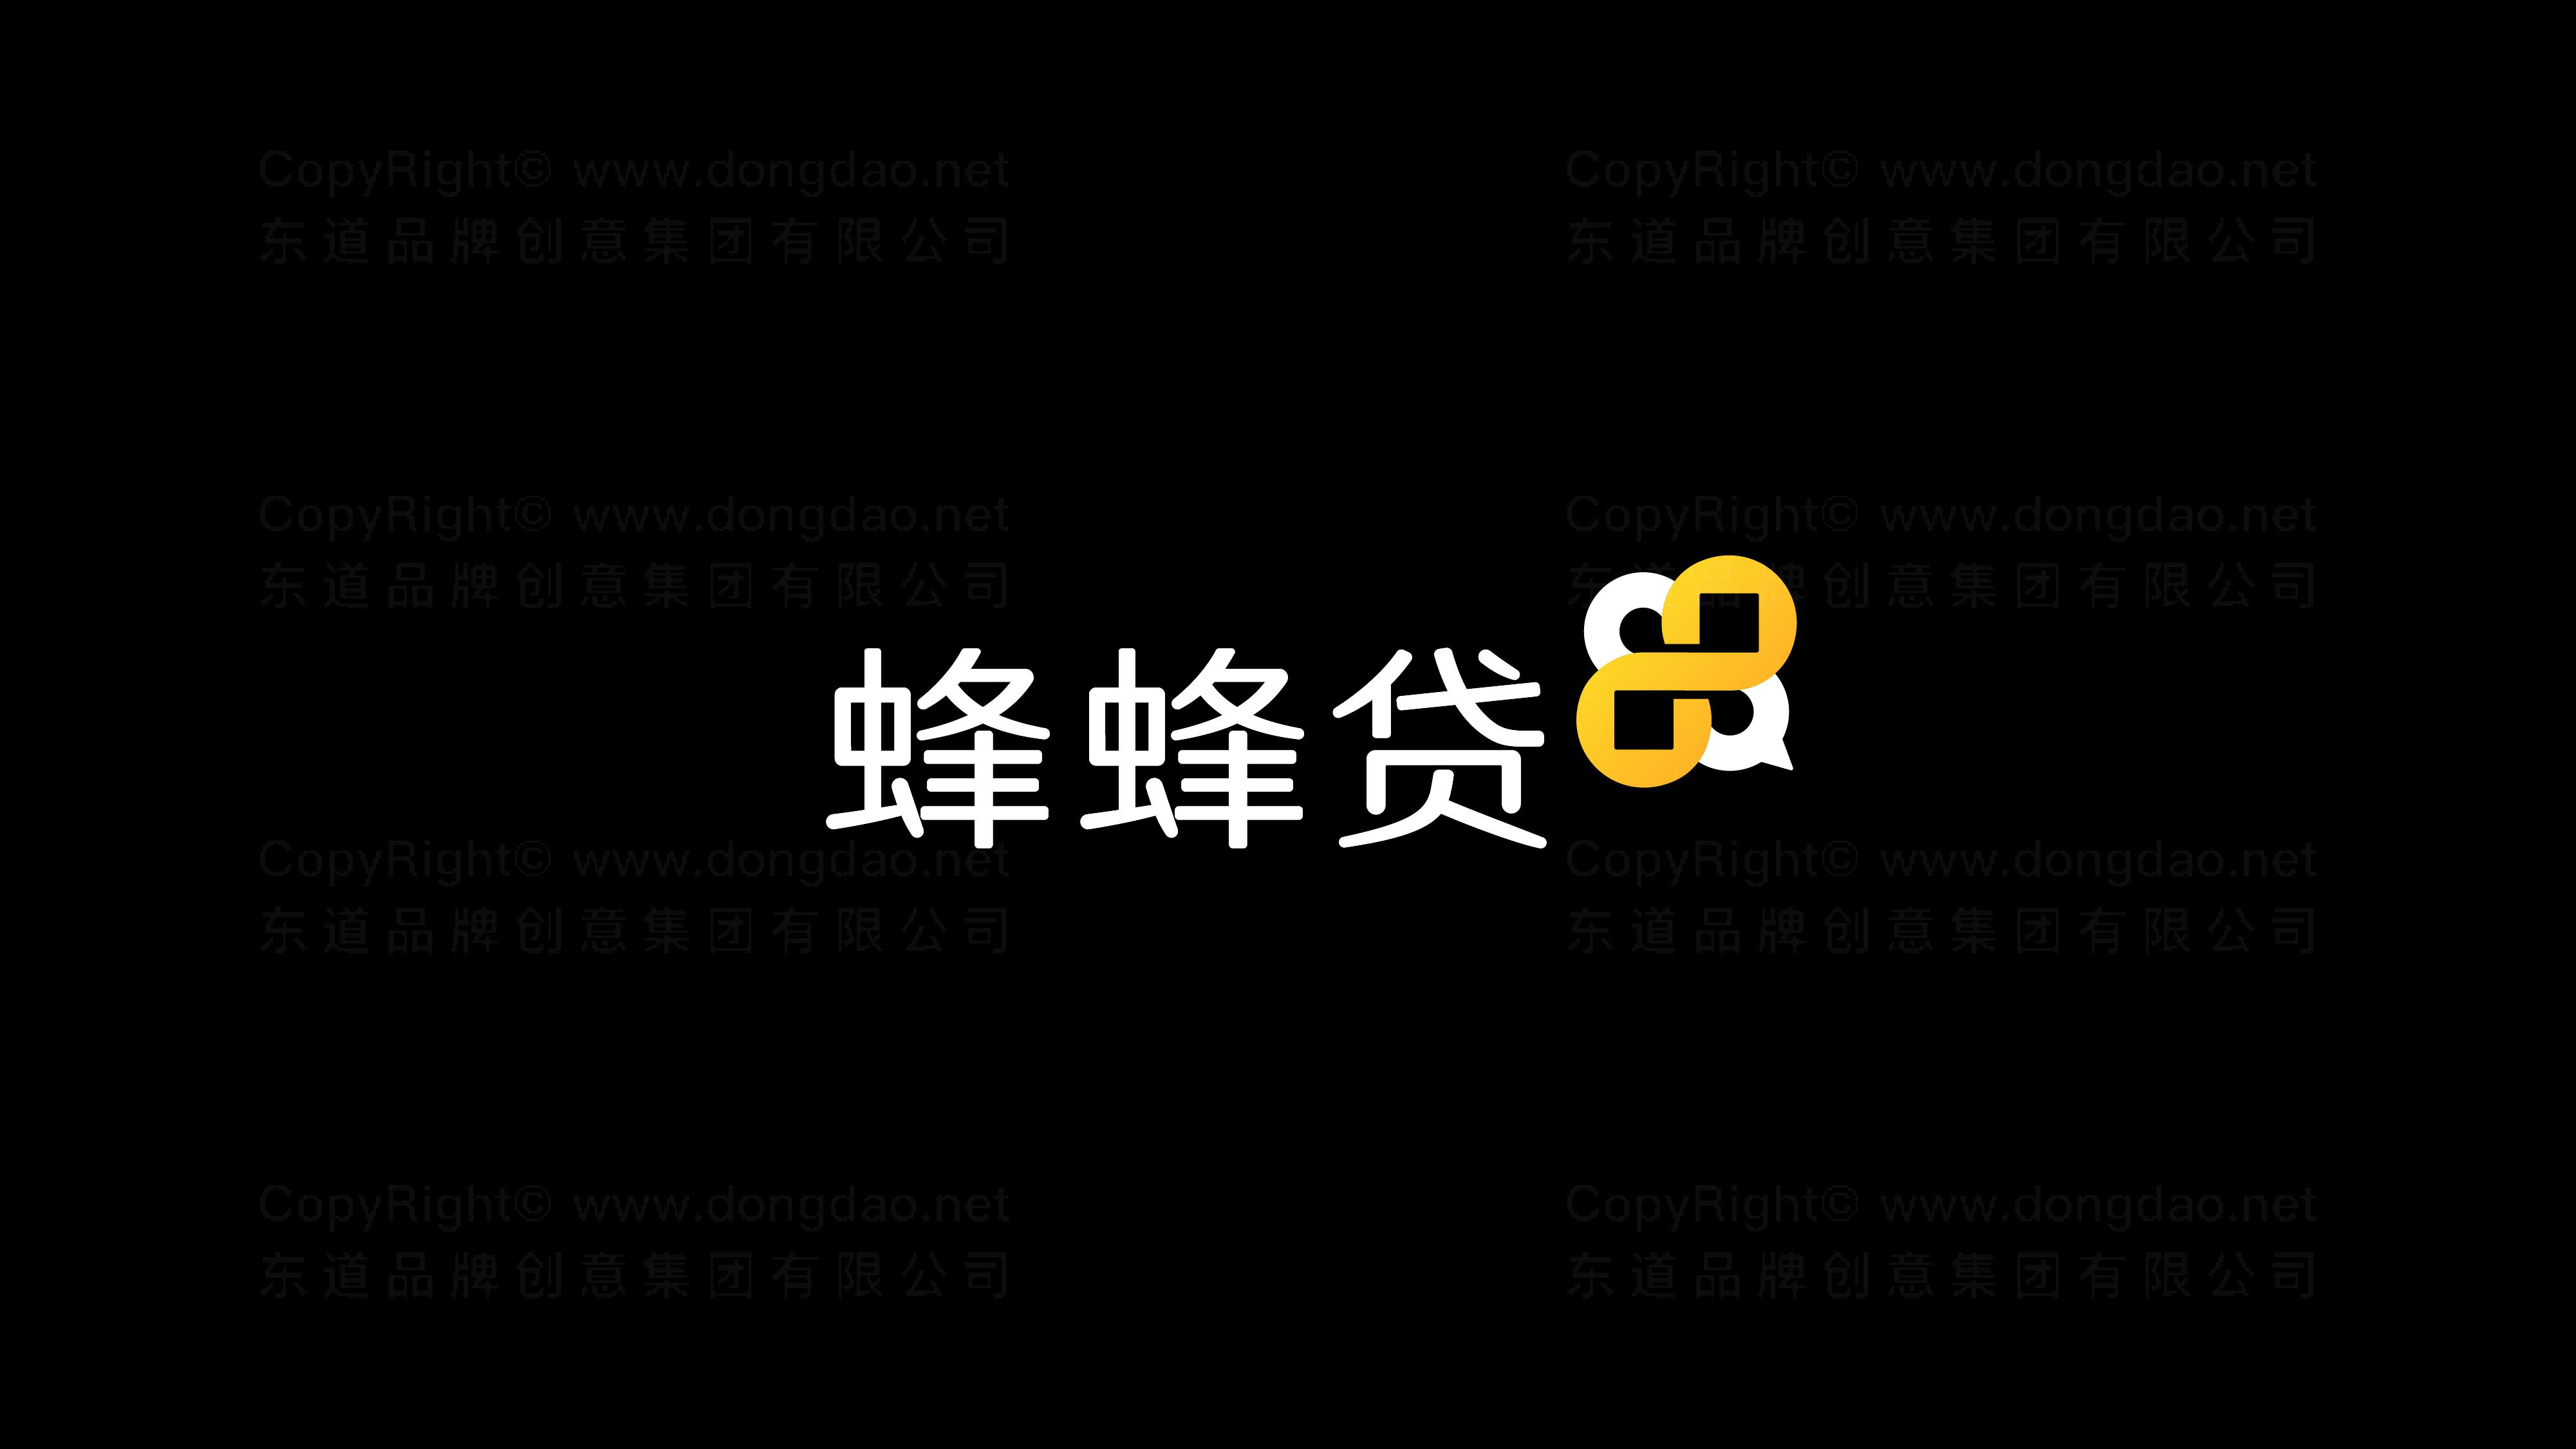 银行logo设计、vi设计